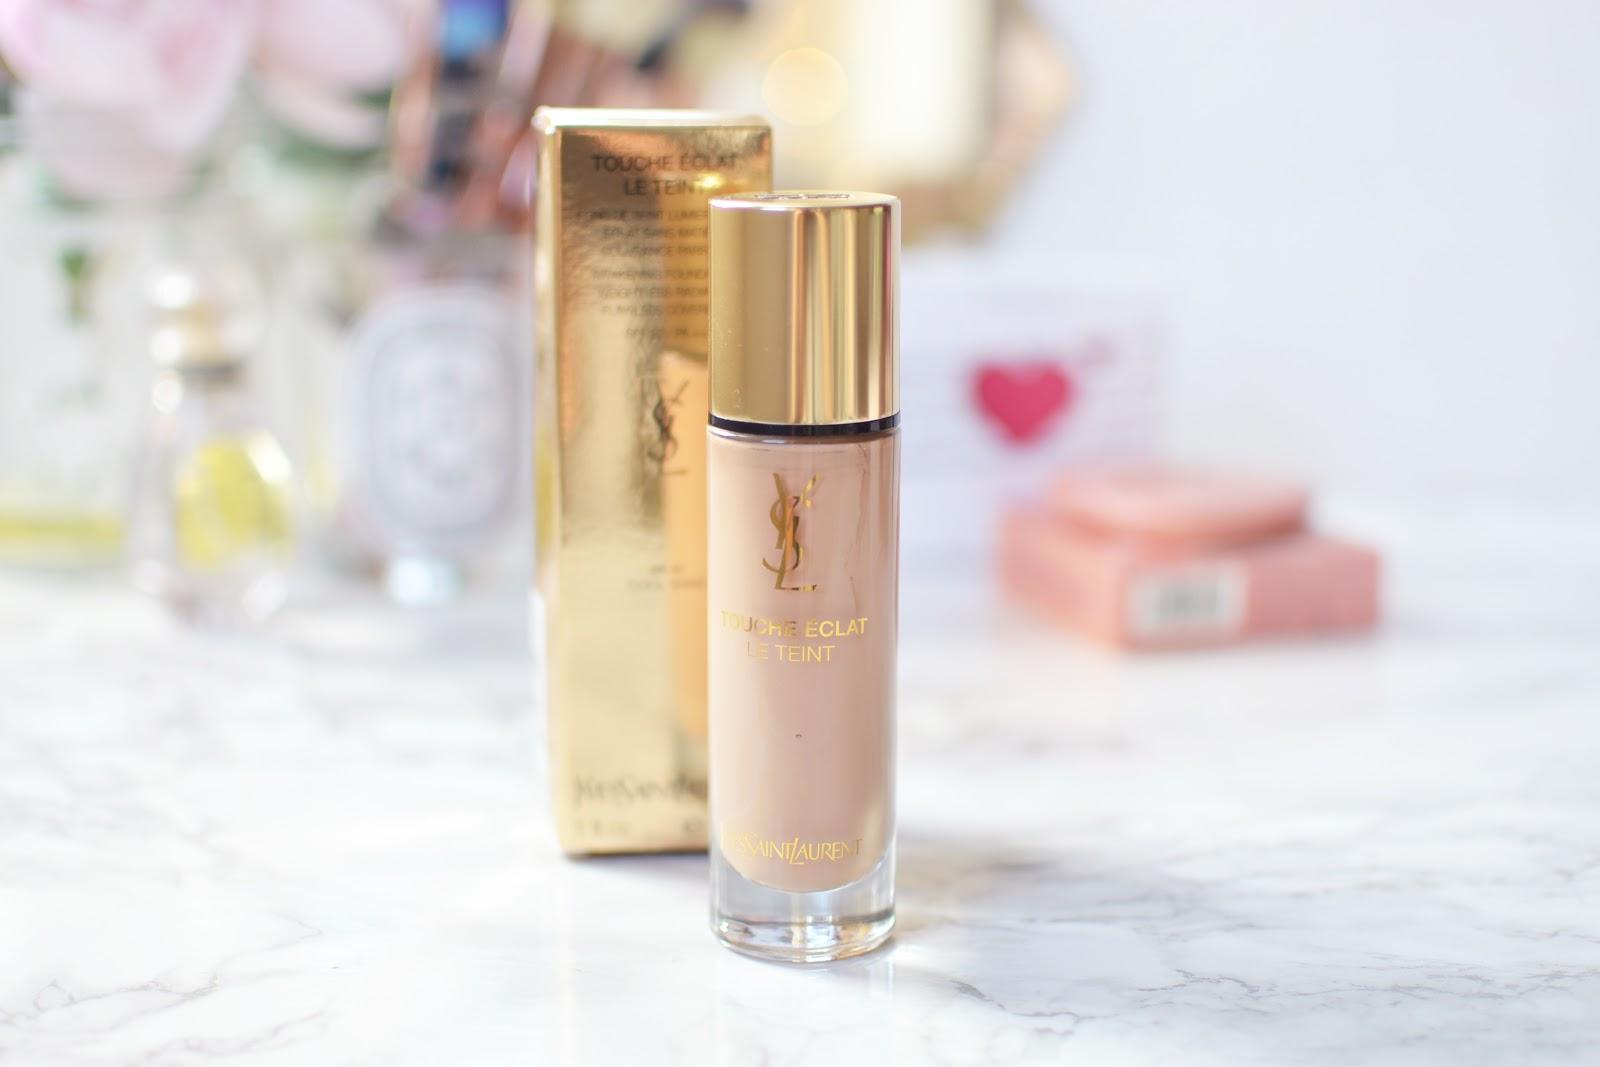 YSL Beauty Touche Éclat La Teint Foundation